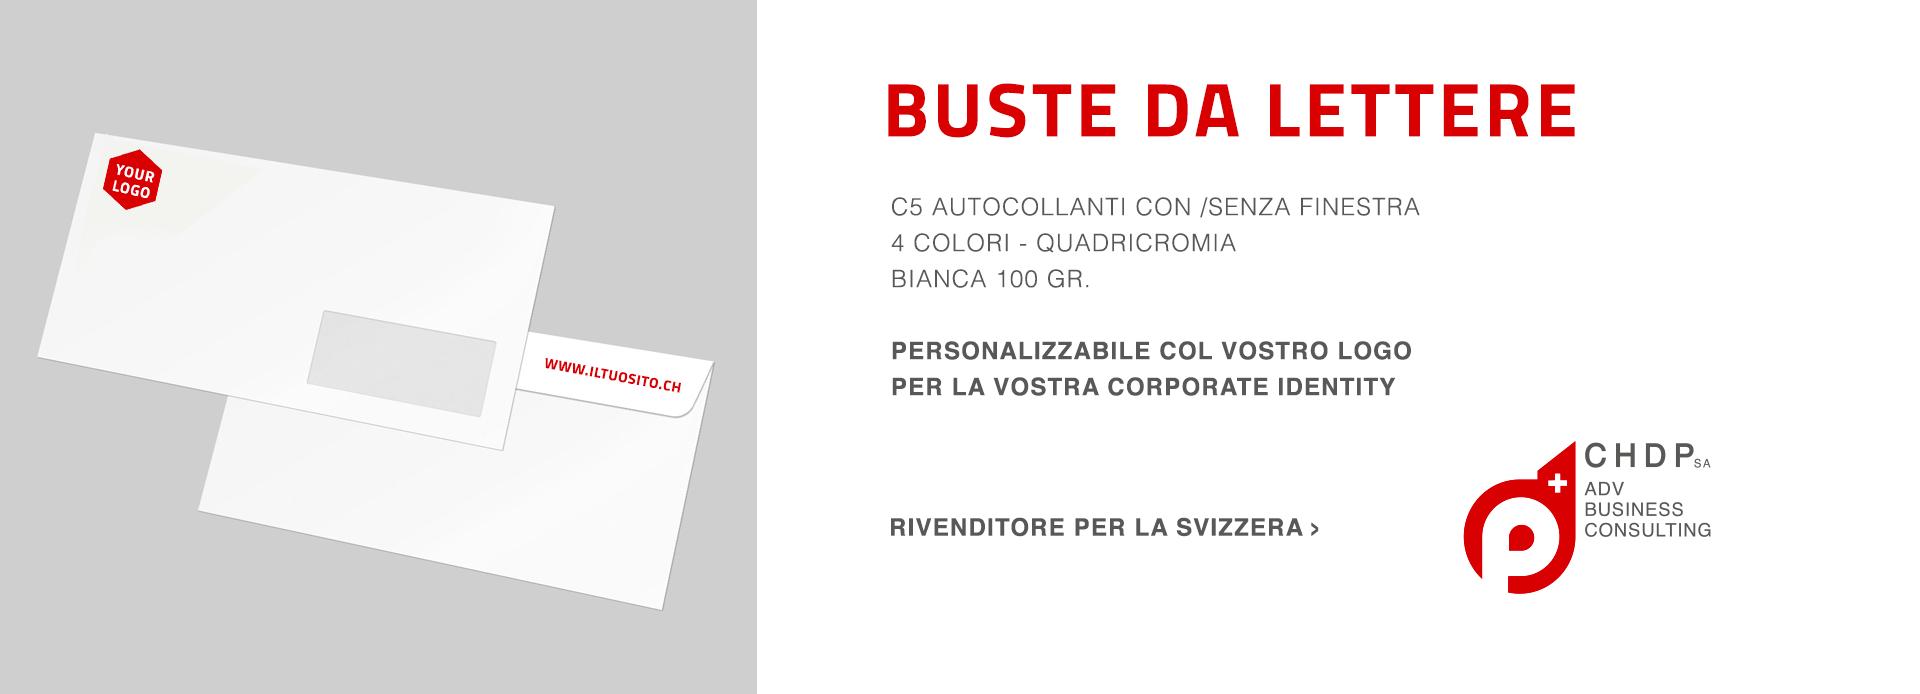 Buste da lettera personalizzabili per la tua azienda in Svizzera